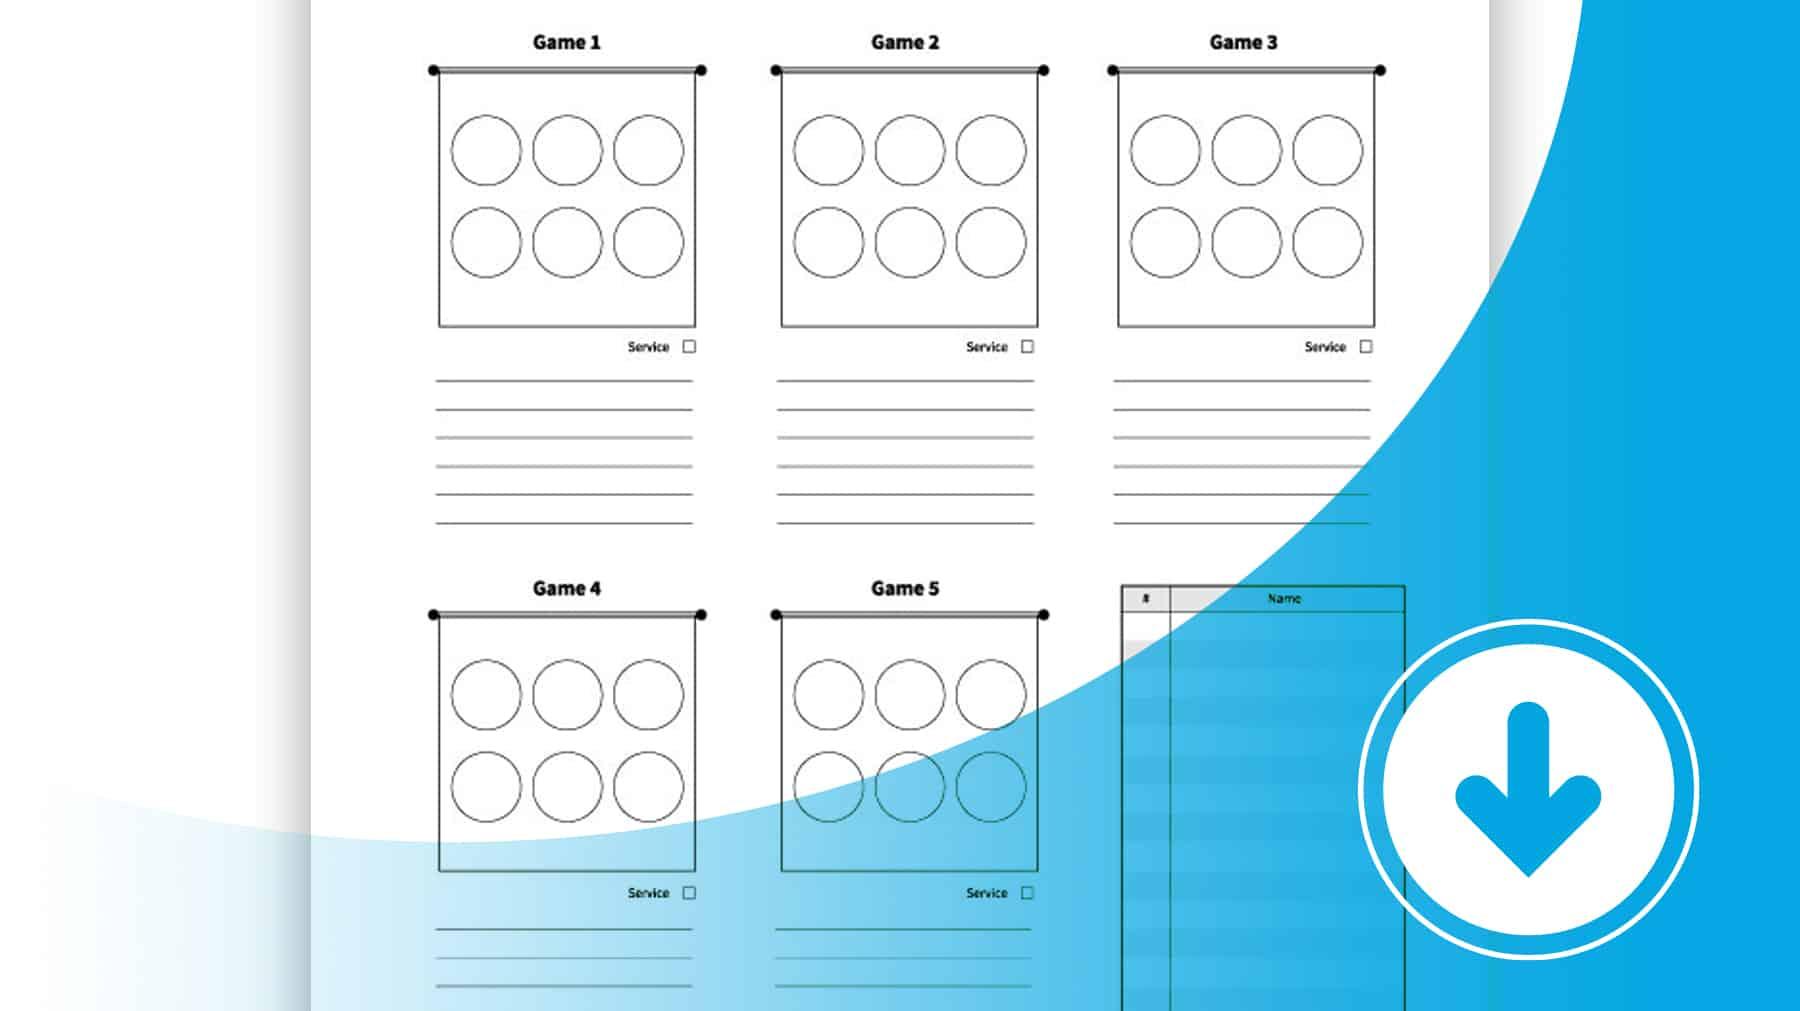 Match Line Ups Worksheet